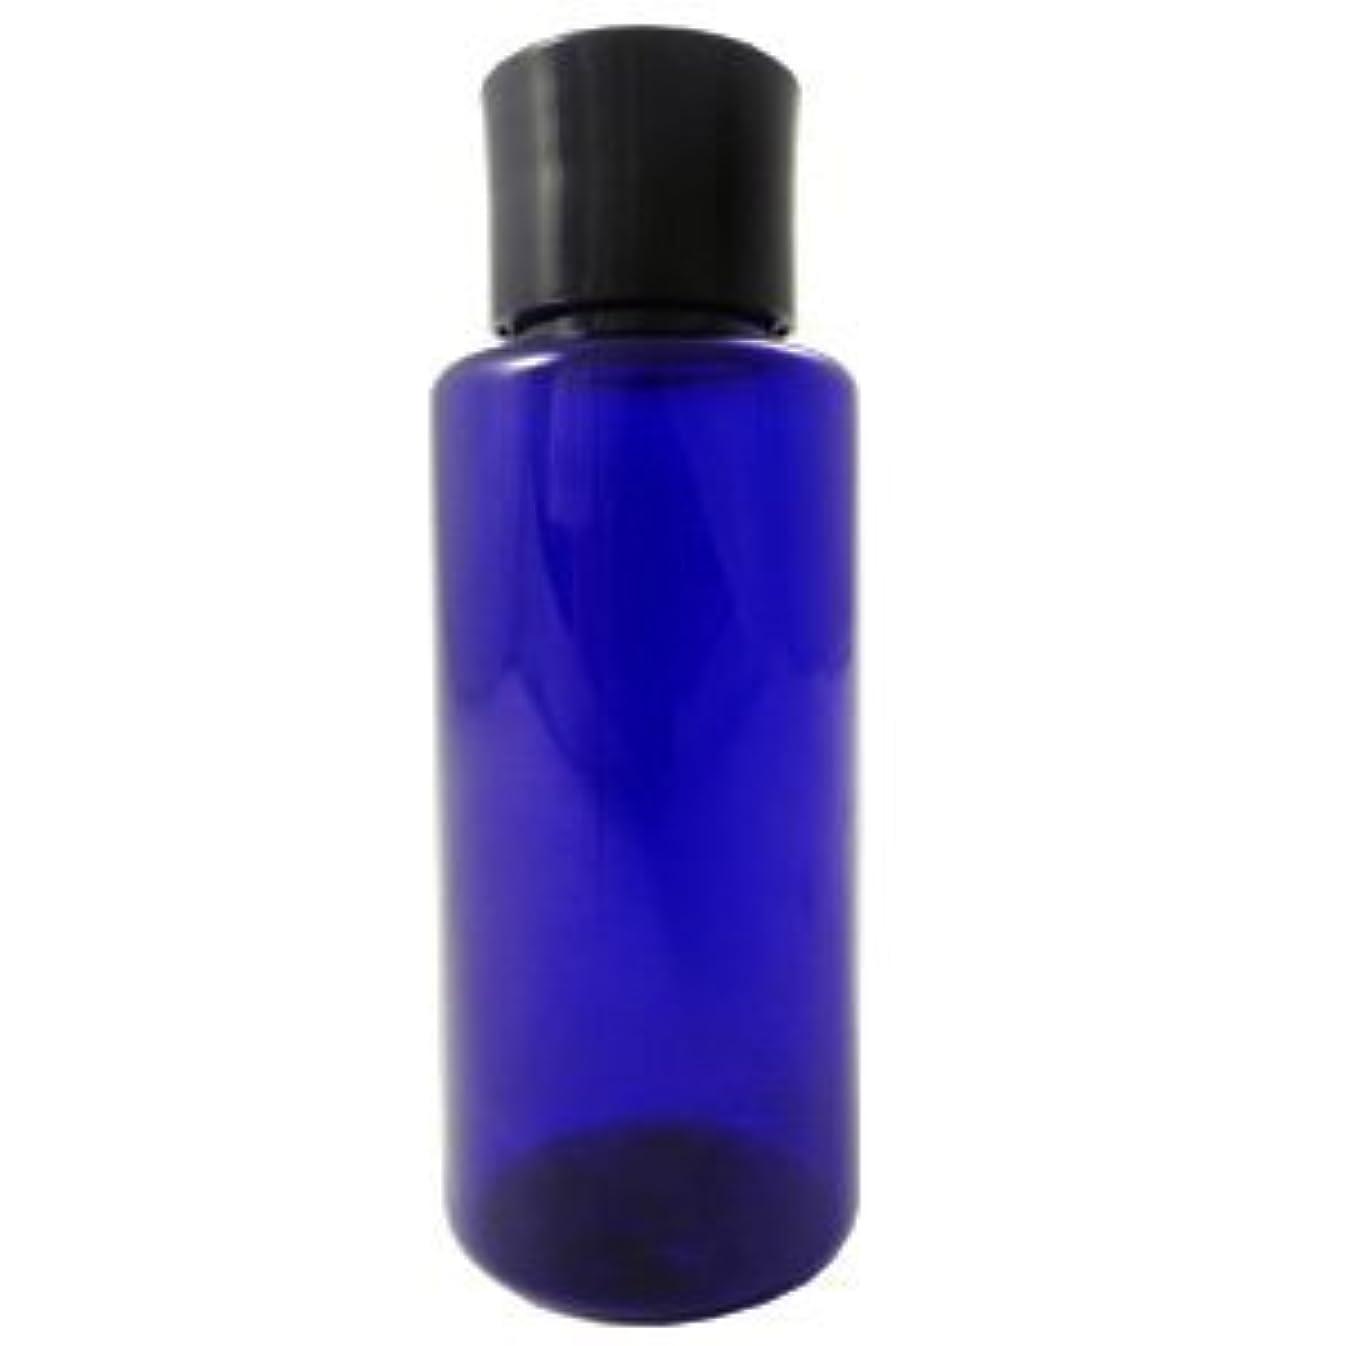 ブレイズ動作ファイアルPETボトル コバルトブルー 青 50ml 化粧水用中栓